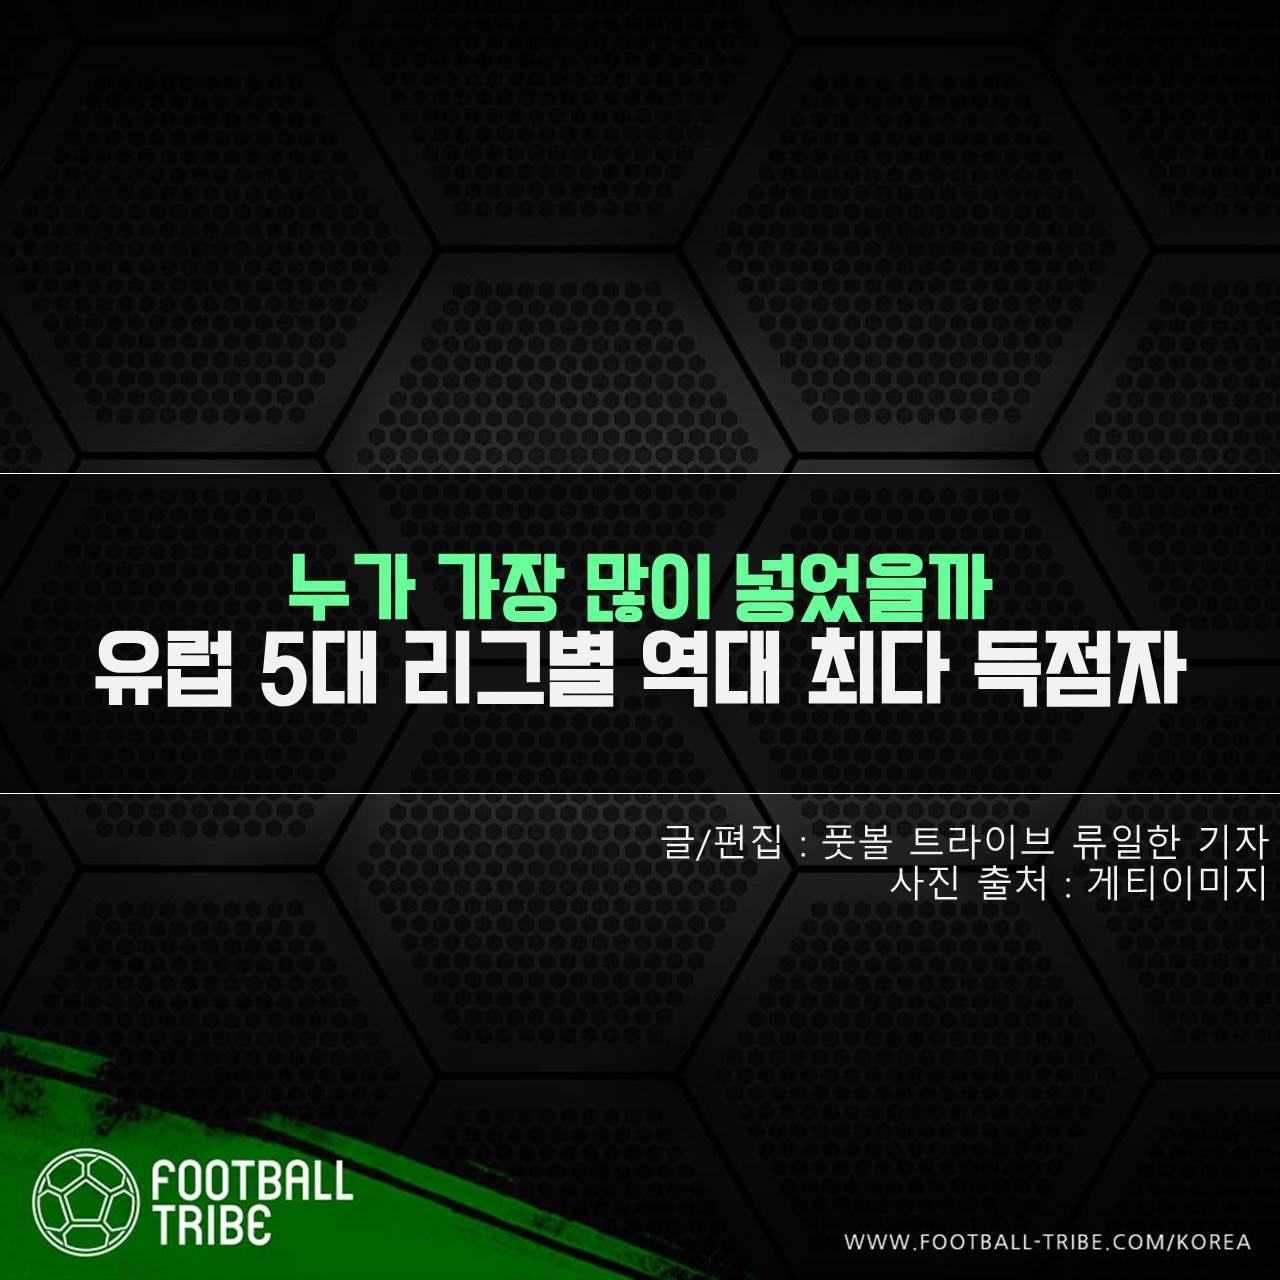 [카드 뉴스] '누가 가장 많이 넣었을까' 유럽 5대 리그별 역대 최다 득점자